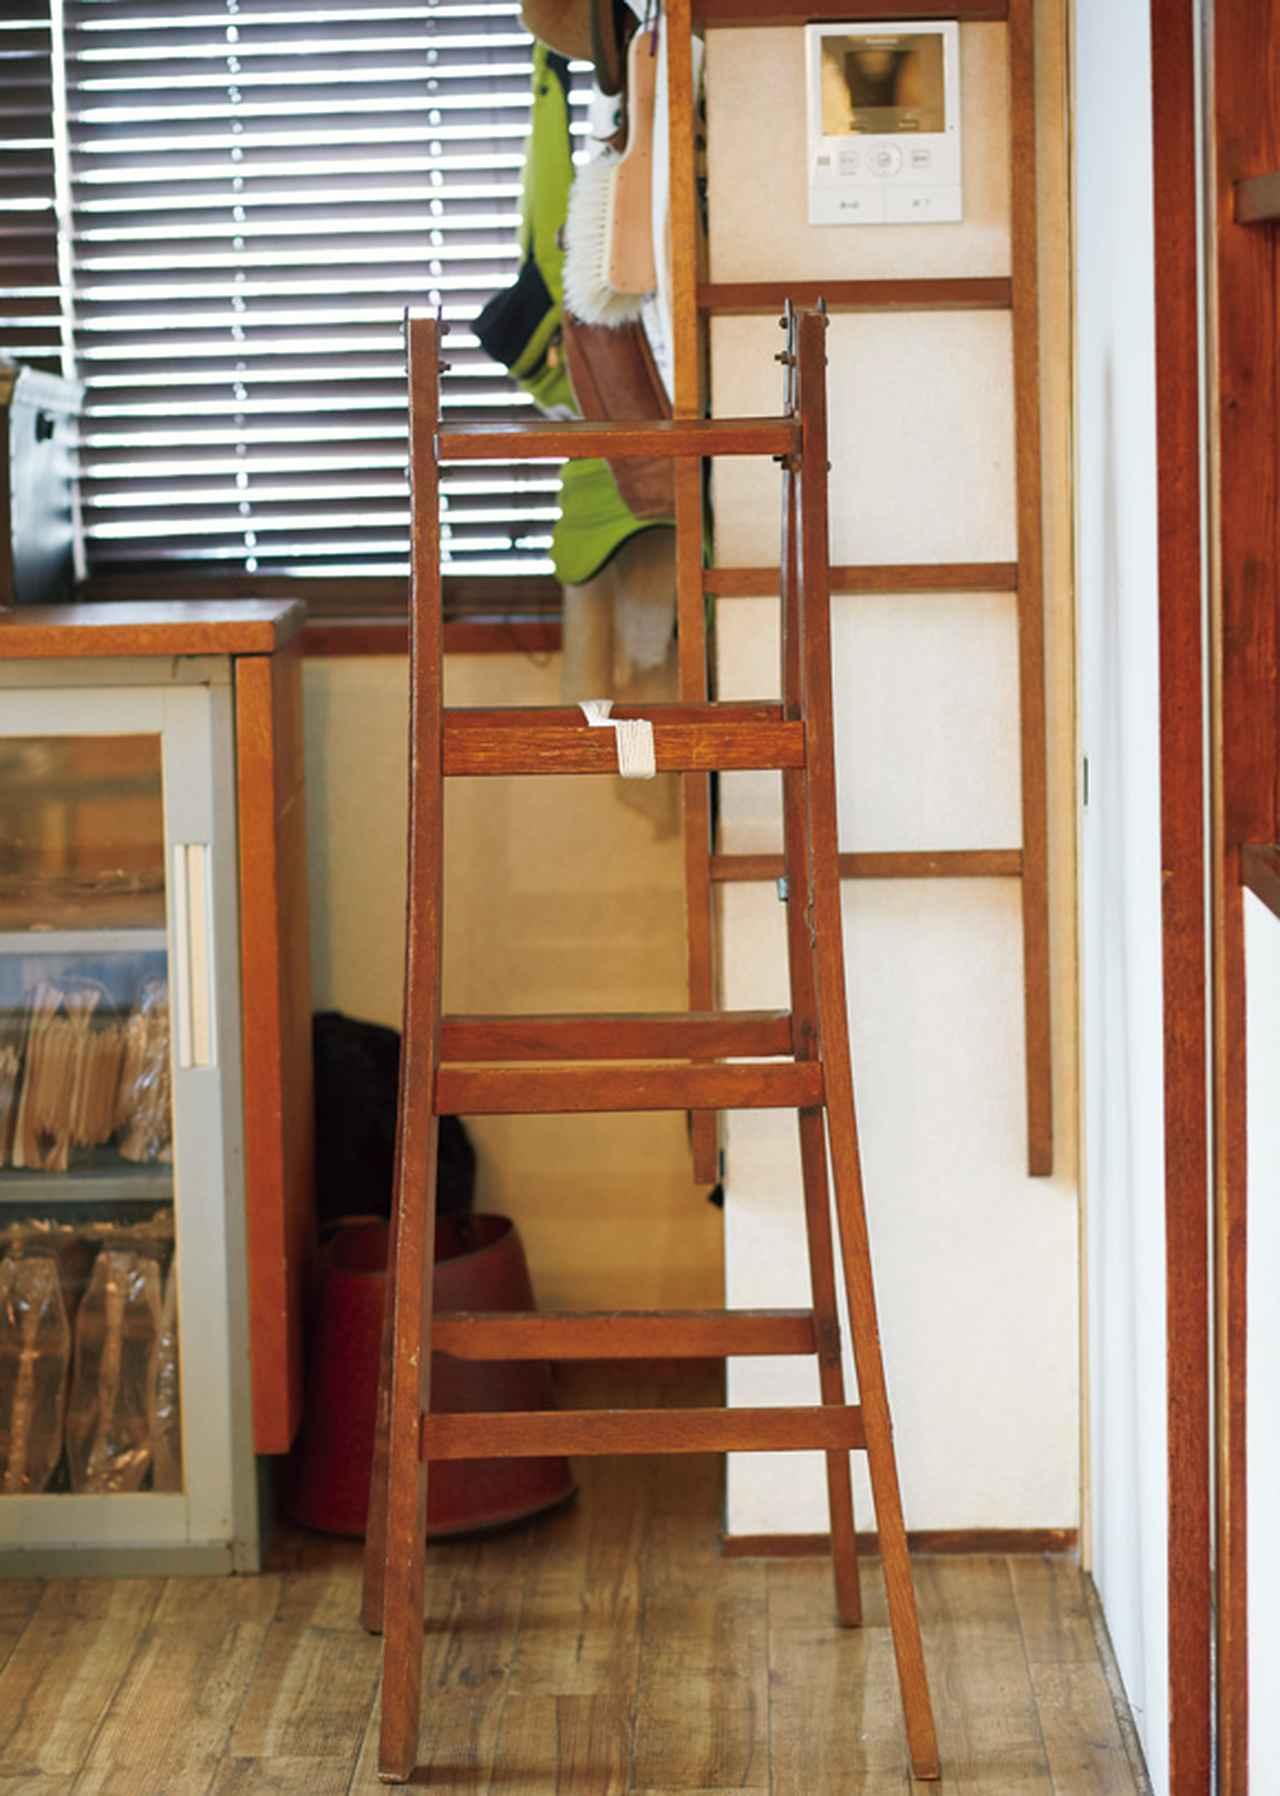 画像: 知人からもらった二段ベッドのはしご部分と、骨董市で見つけた古い脚立。ディスプレイというわけではなく、天袋に入れてあるものを取るときに使う、れっきとした実用品